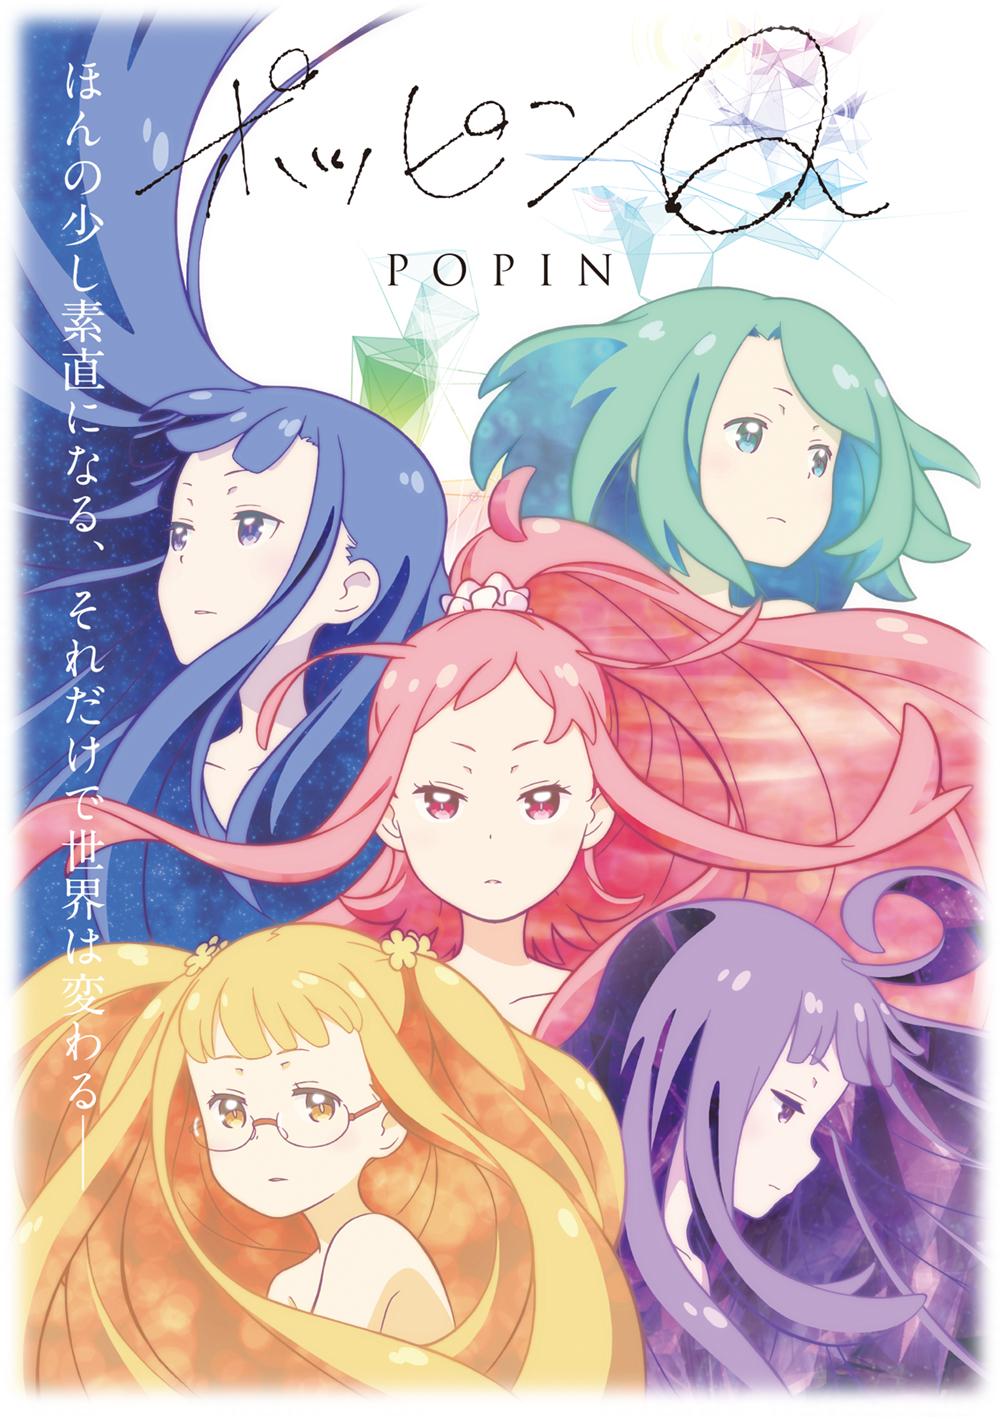 160125(2) - 東映動畫公司慶祝60歲!原創紀念劇場版《ポッピンQ》發表5人美少女海報、首批聲優&製作群!